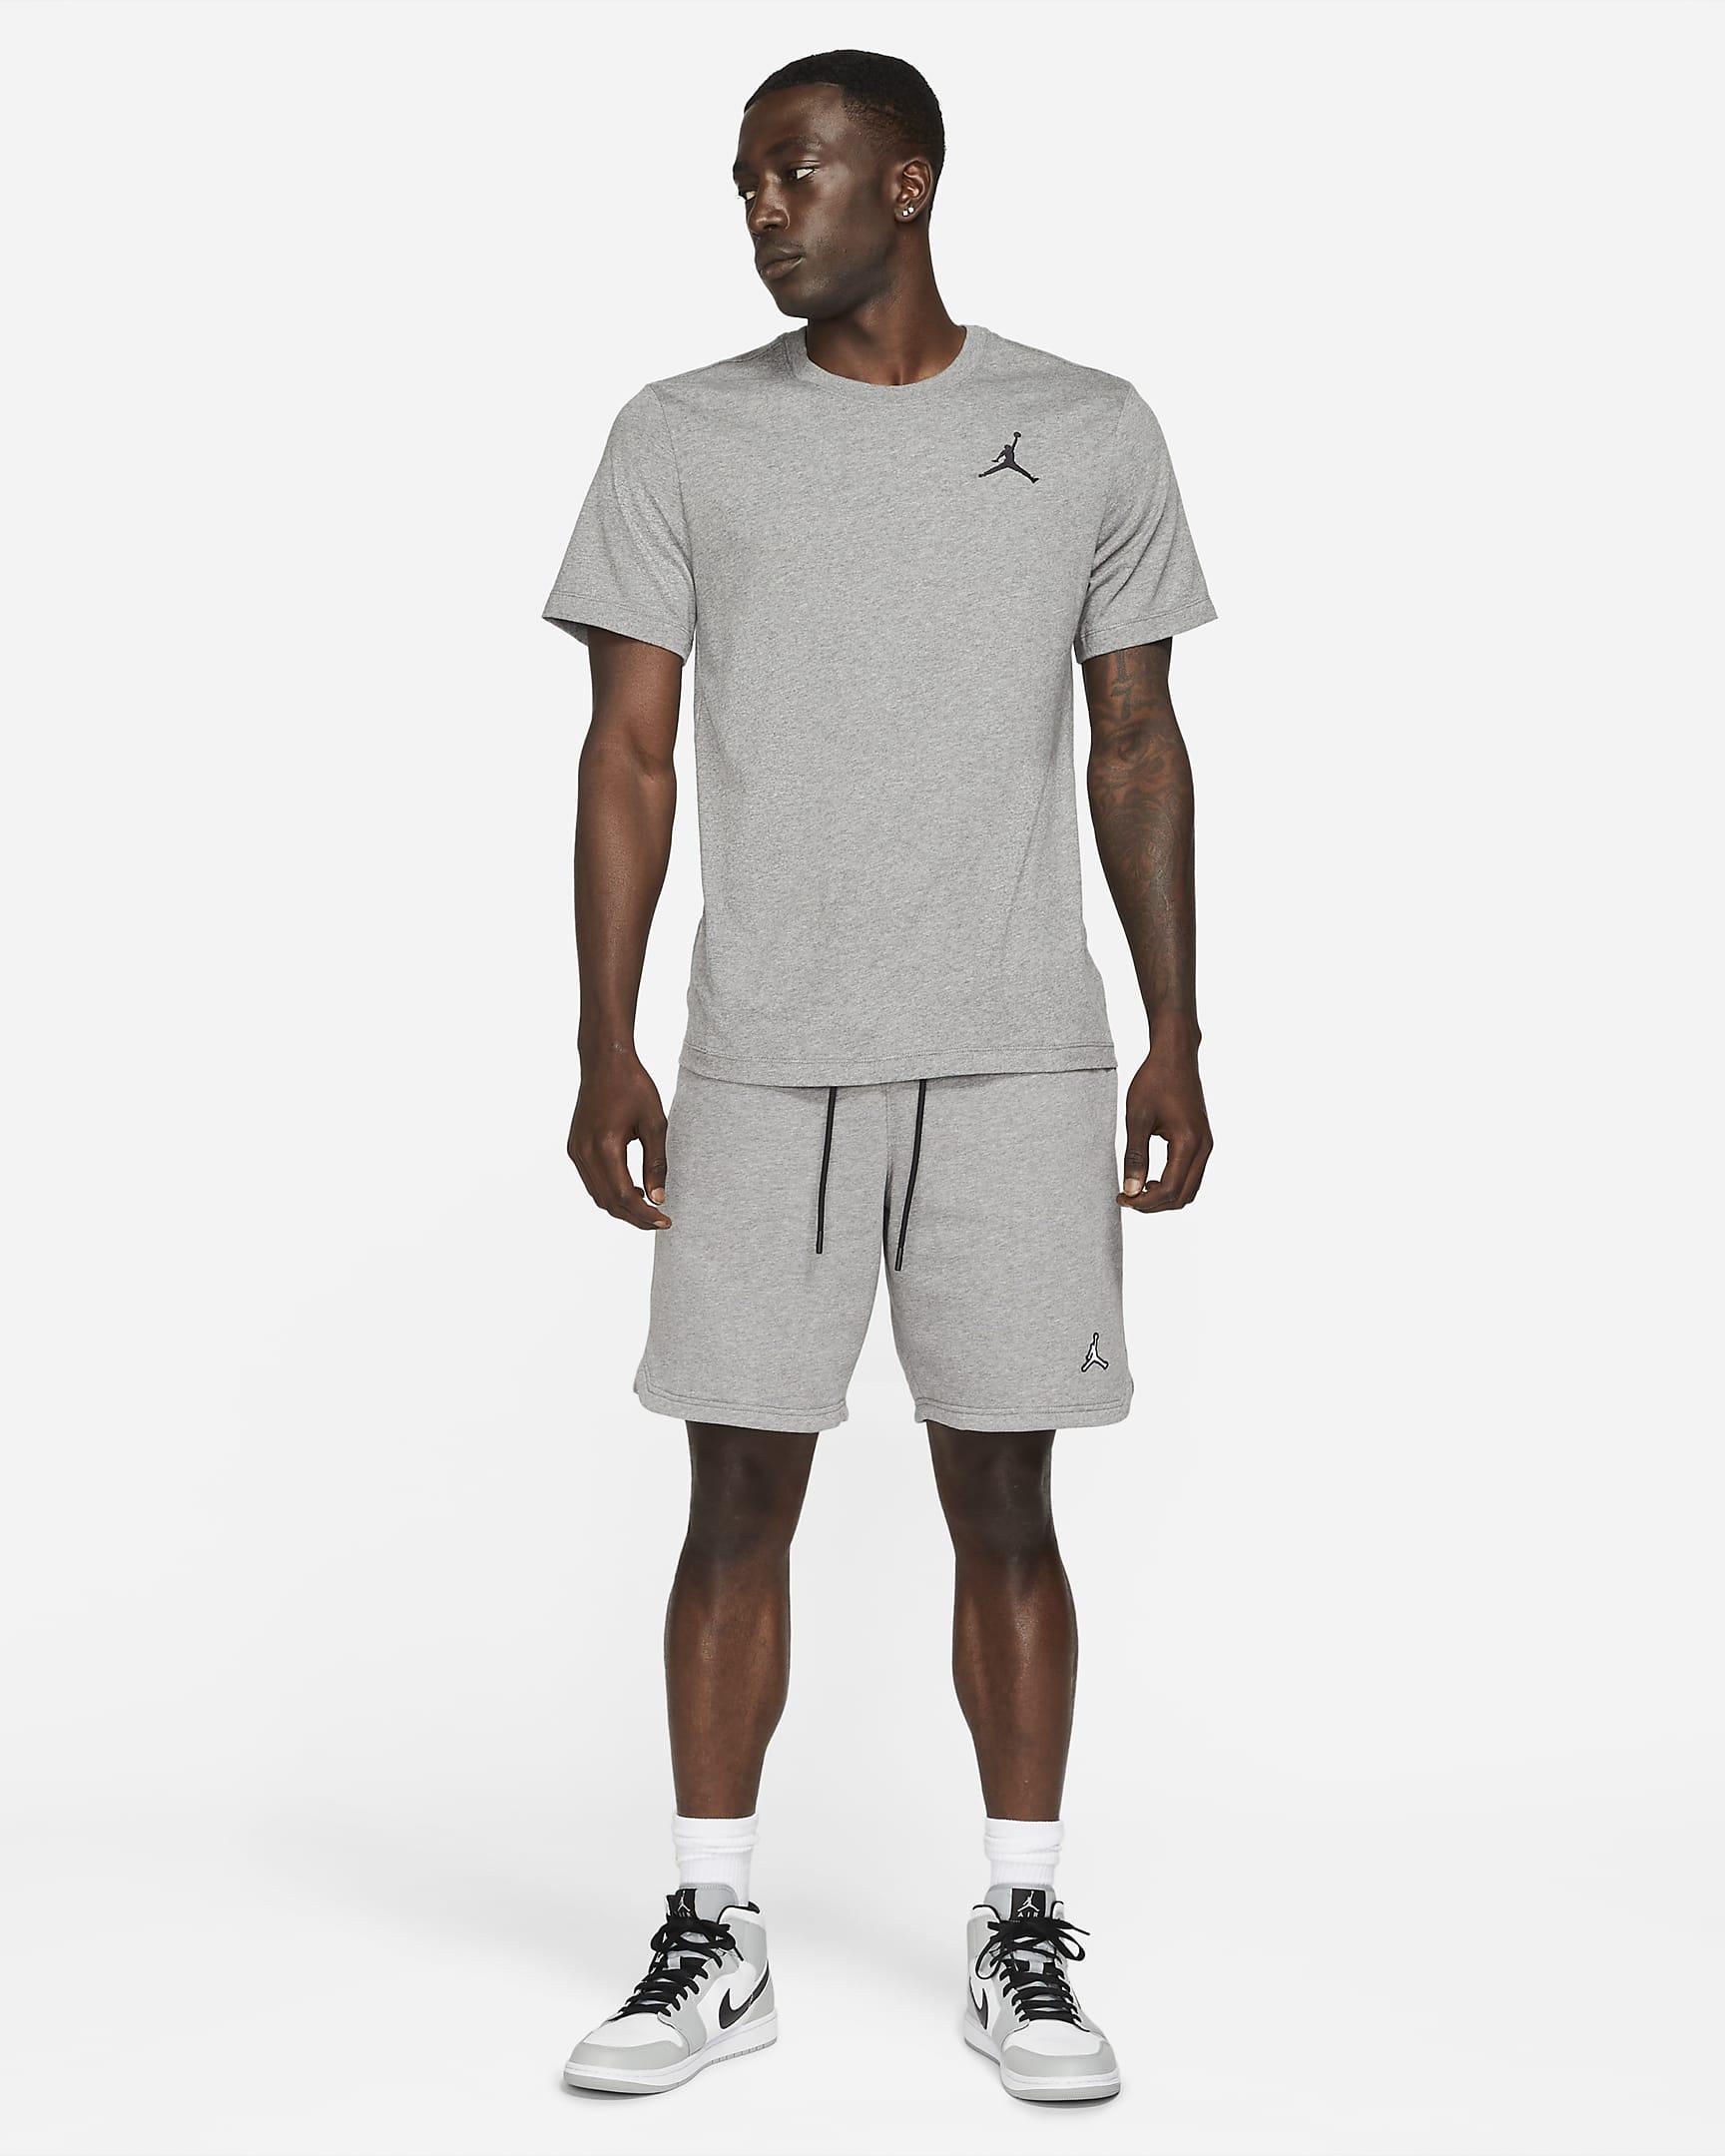 jordan-essentials-mens-fleece-shorts-nPMdCB-5.png